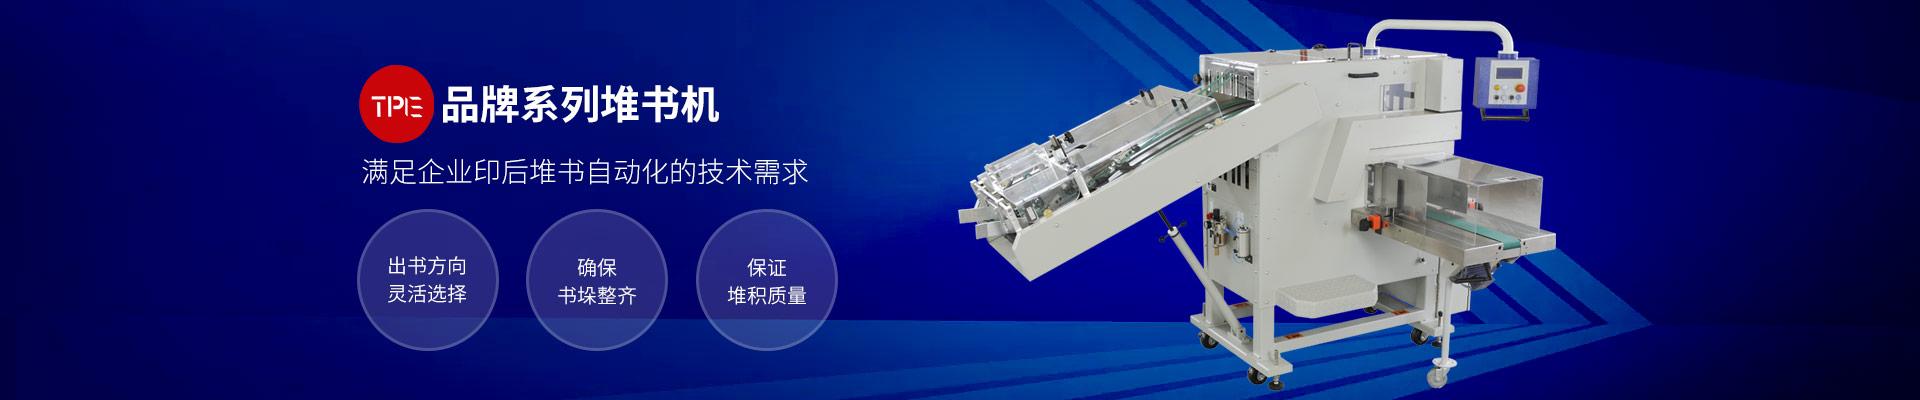 TPE品牌系列堆书机,满足企业印后堆书自动化的技术需求